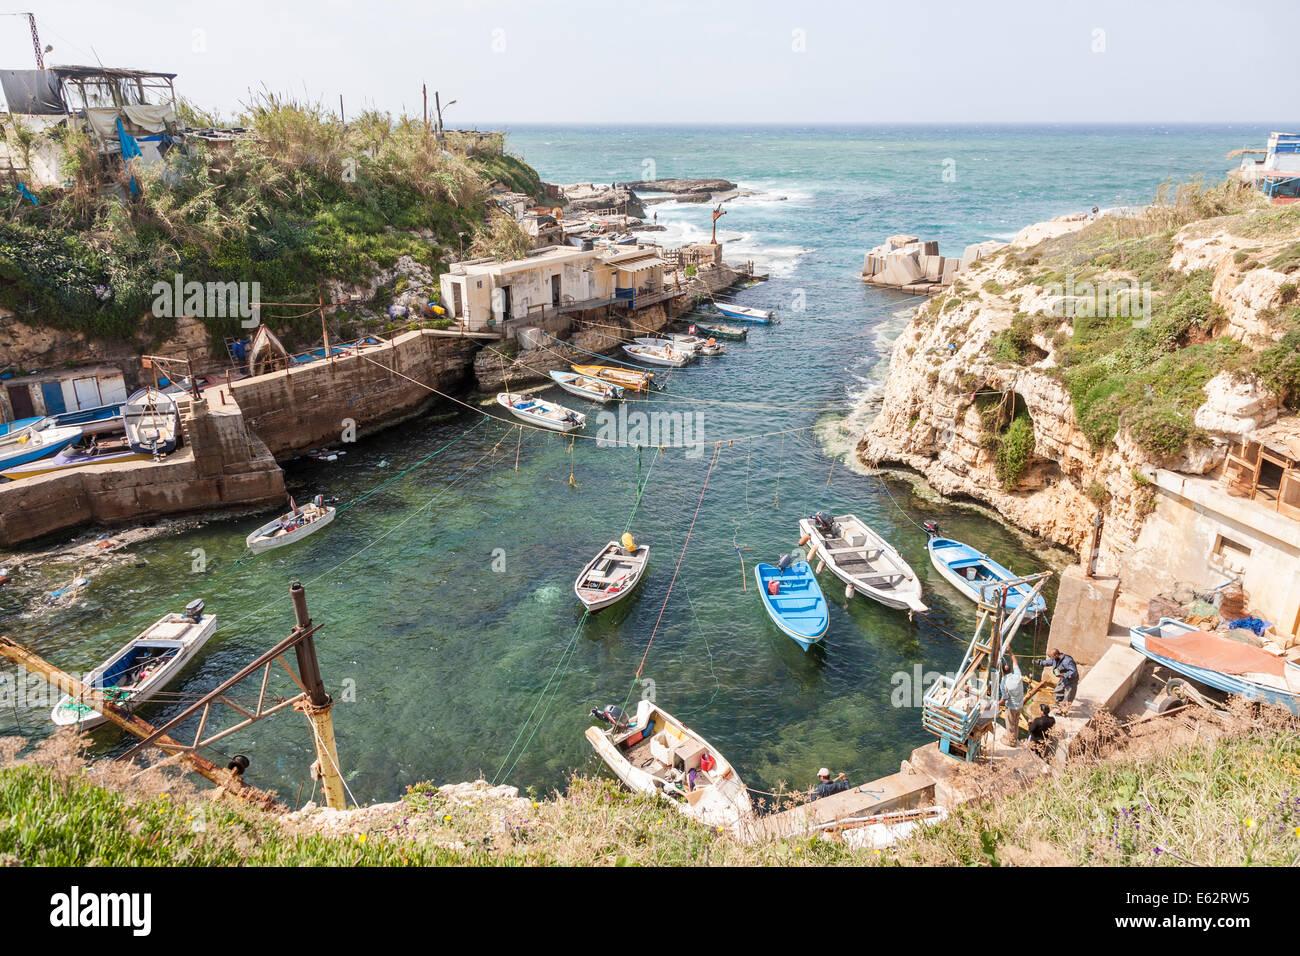 La comunidad de la aldea pequeña de la pesca y del puerto en la costa mediterránea, con barcos amarrados Imagen De Stock